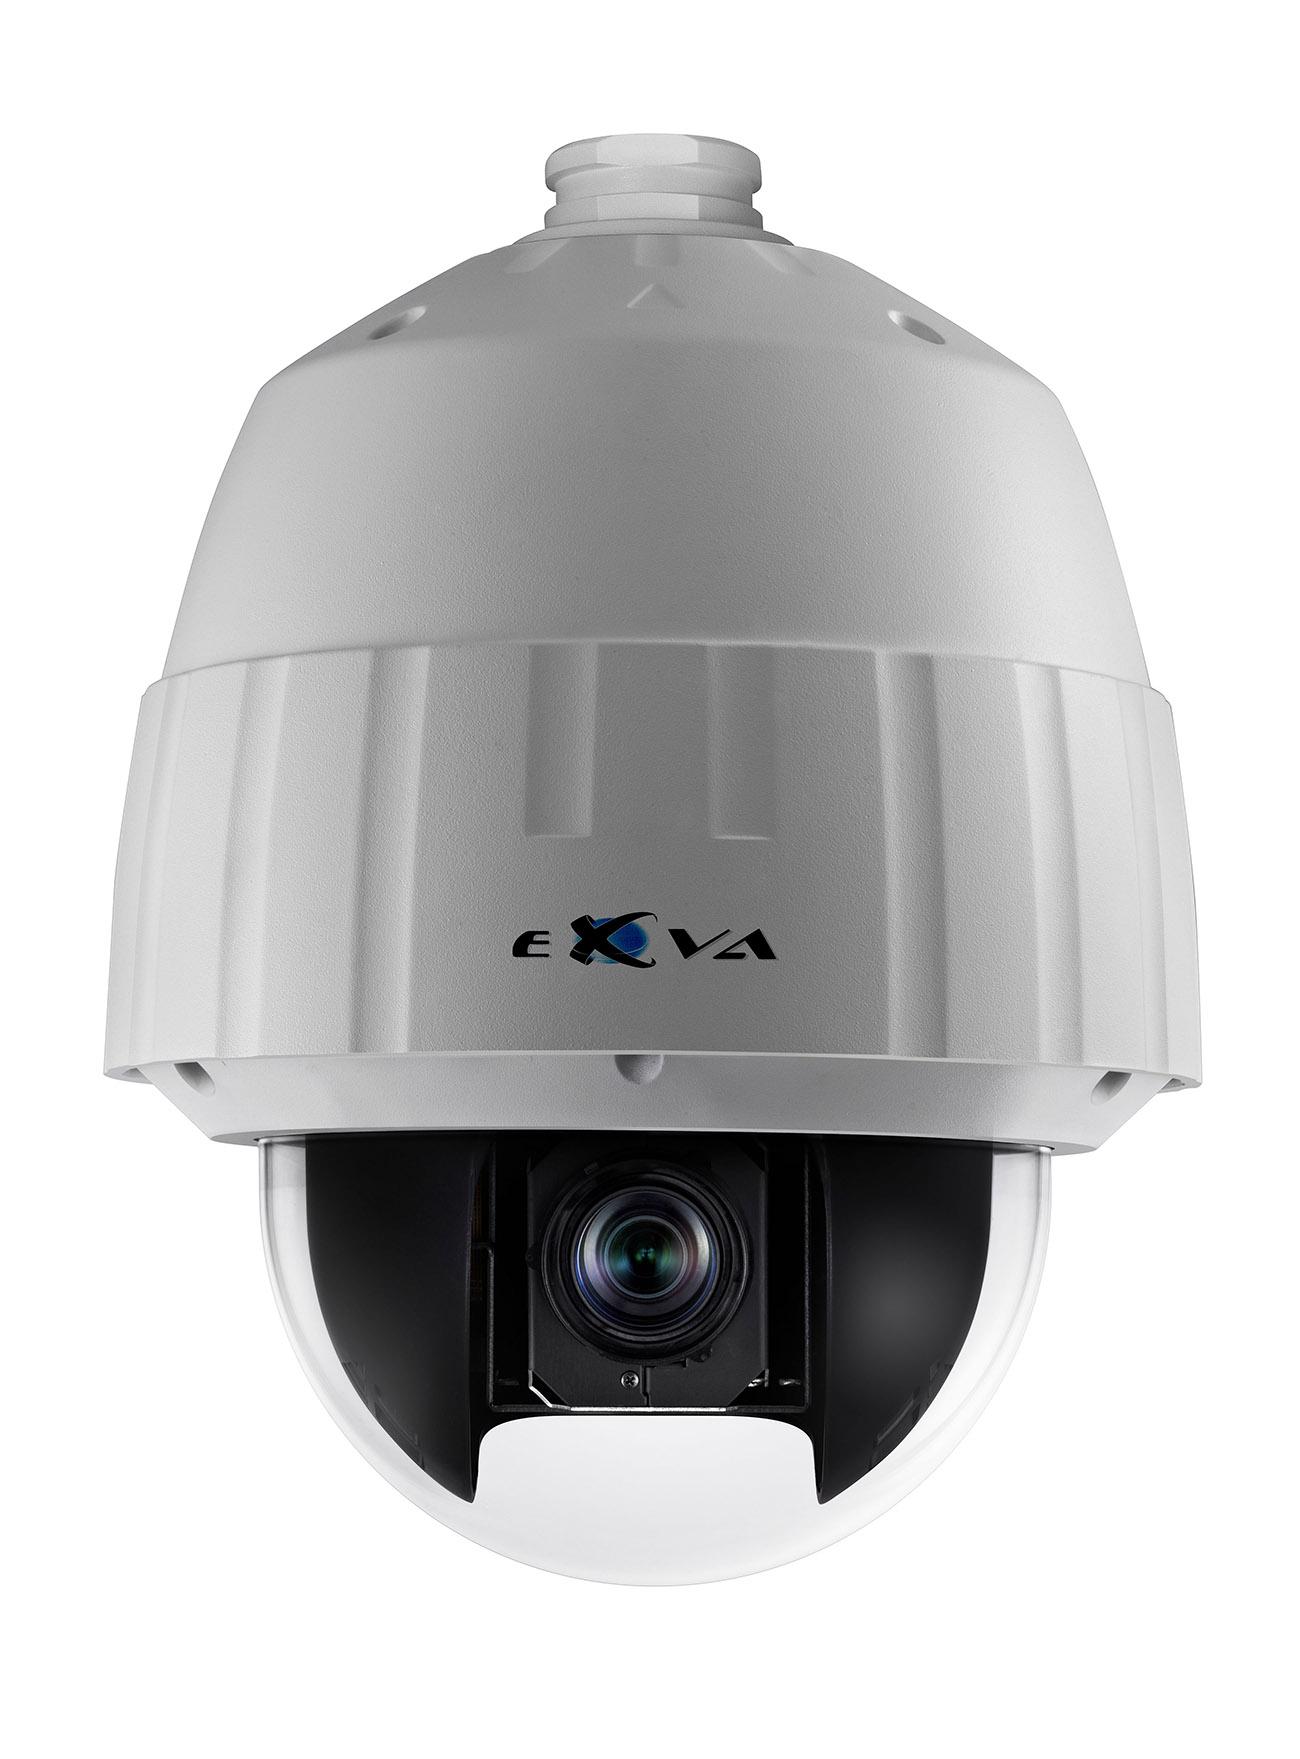 EXVA-HD-51T